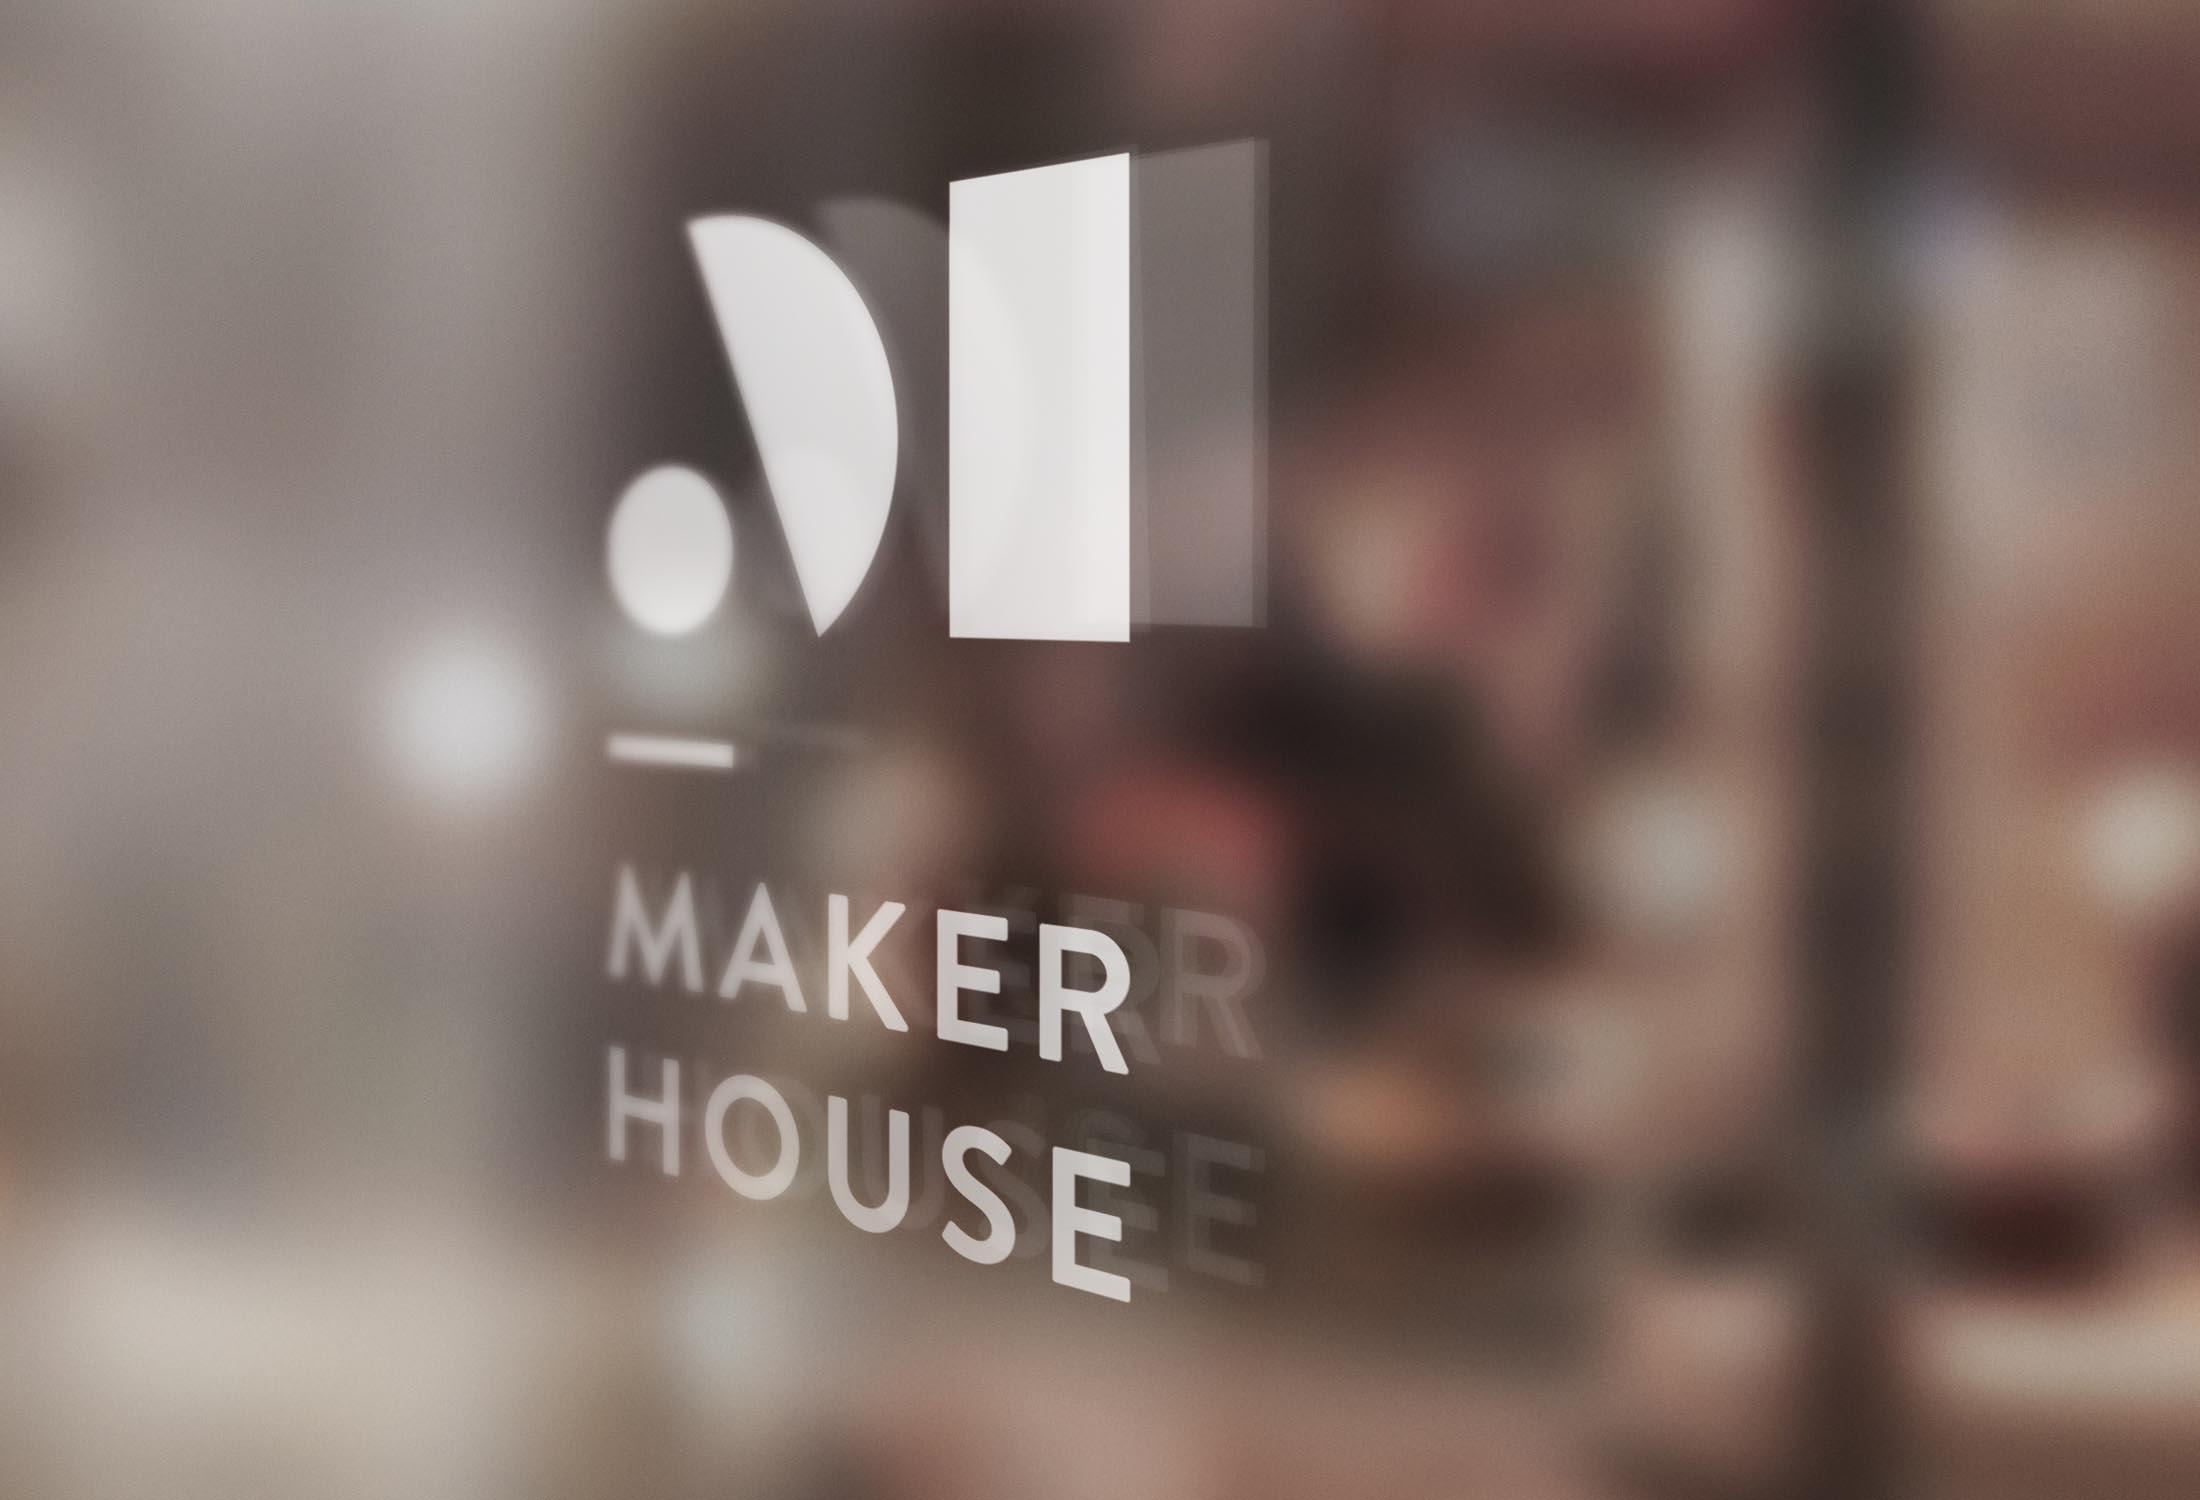 Makerhouse_signage_01